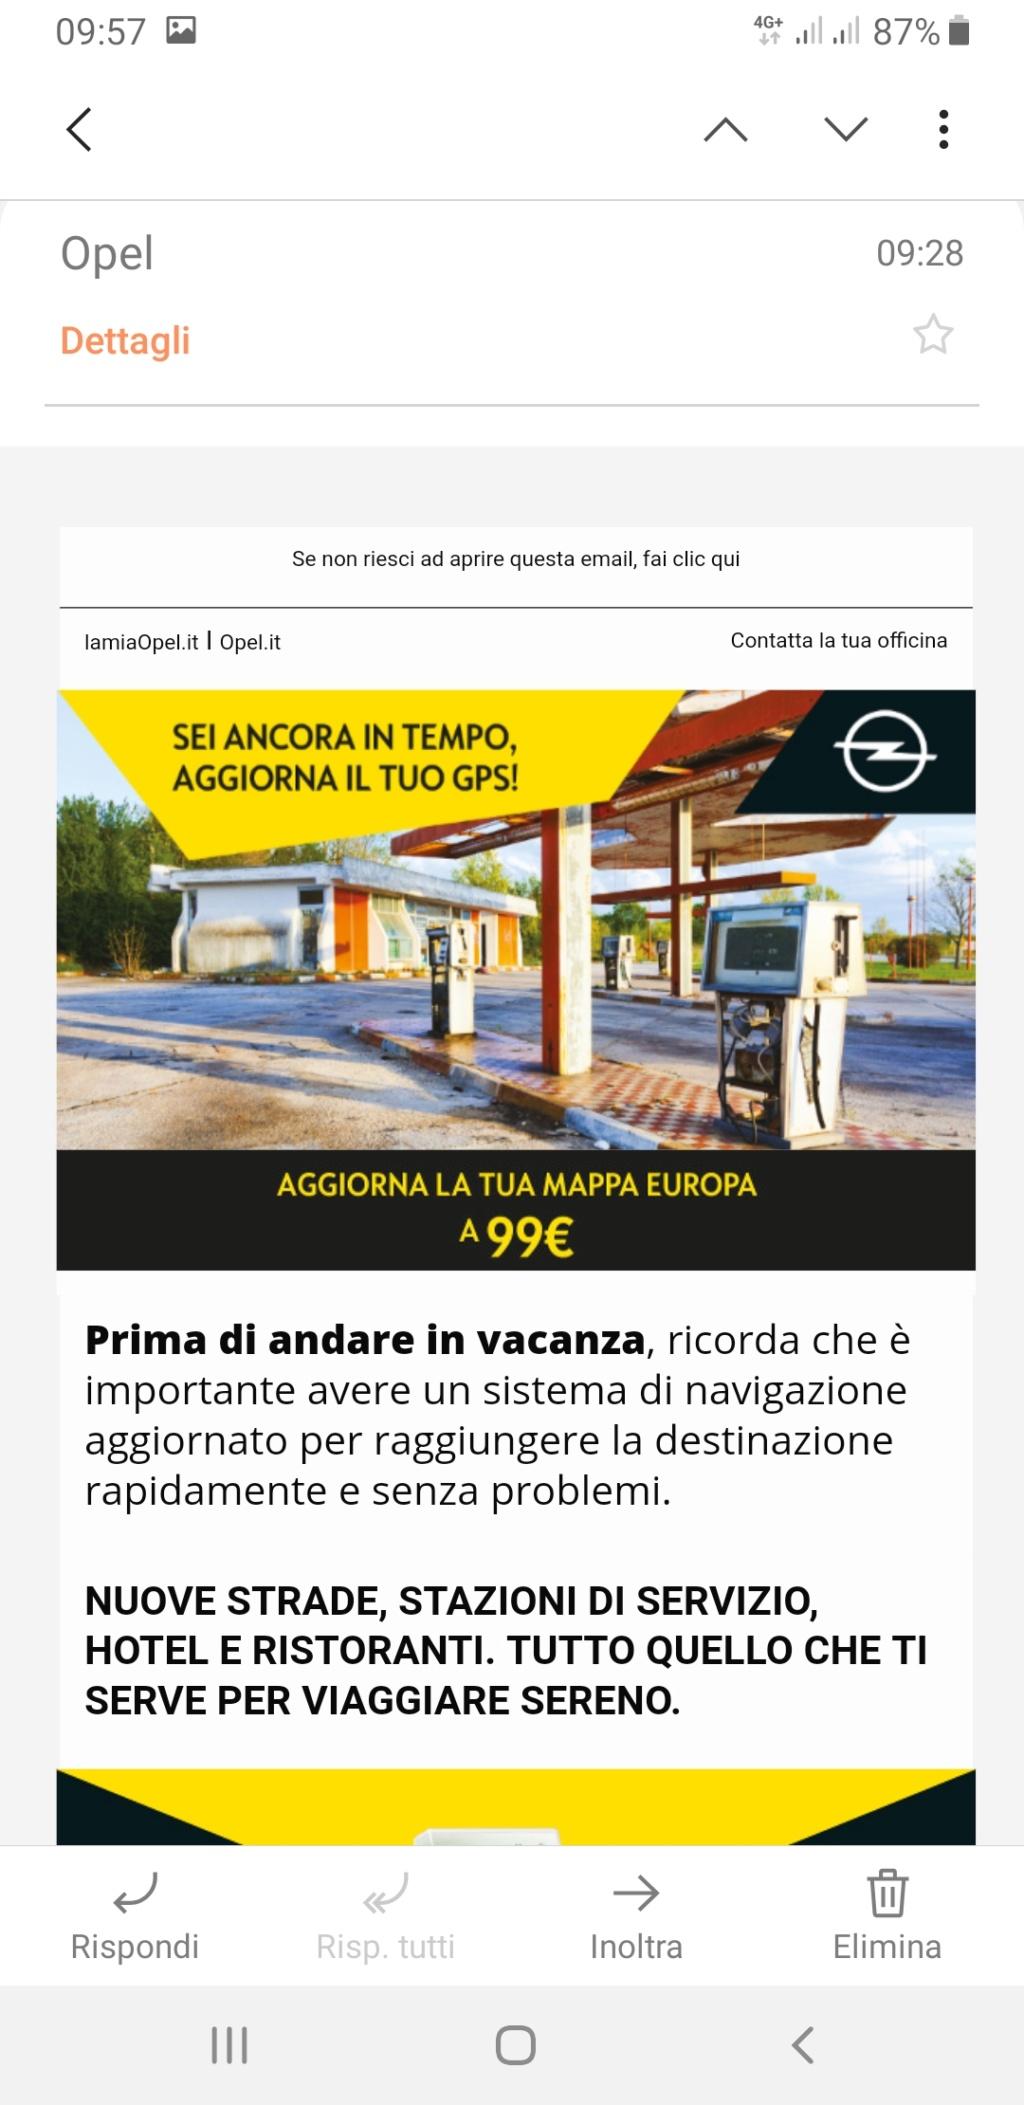 Aggiornamento mappe gratuito dal sito di Peugeot - Pagina 42 Screen10